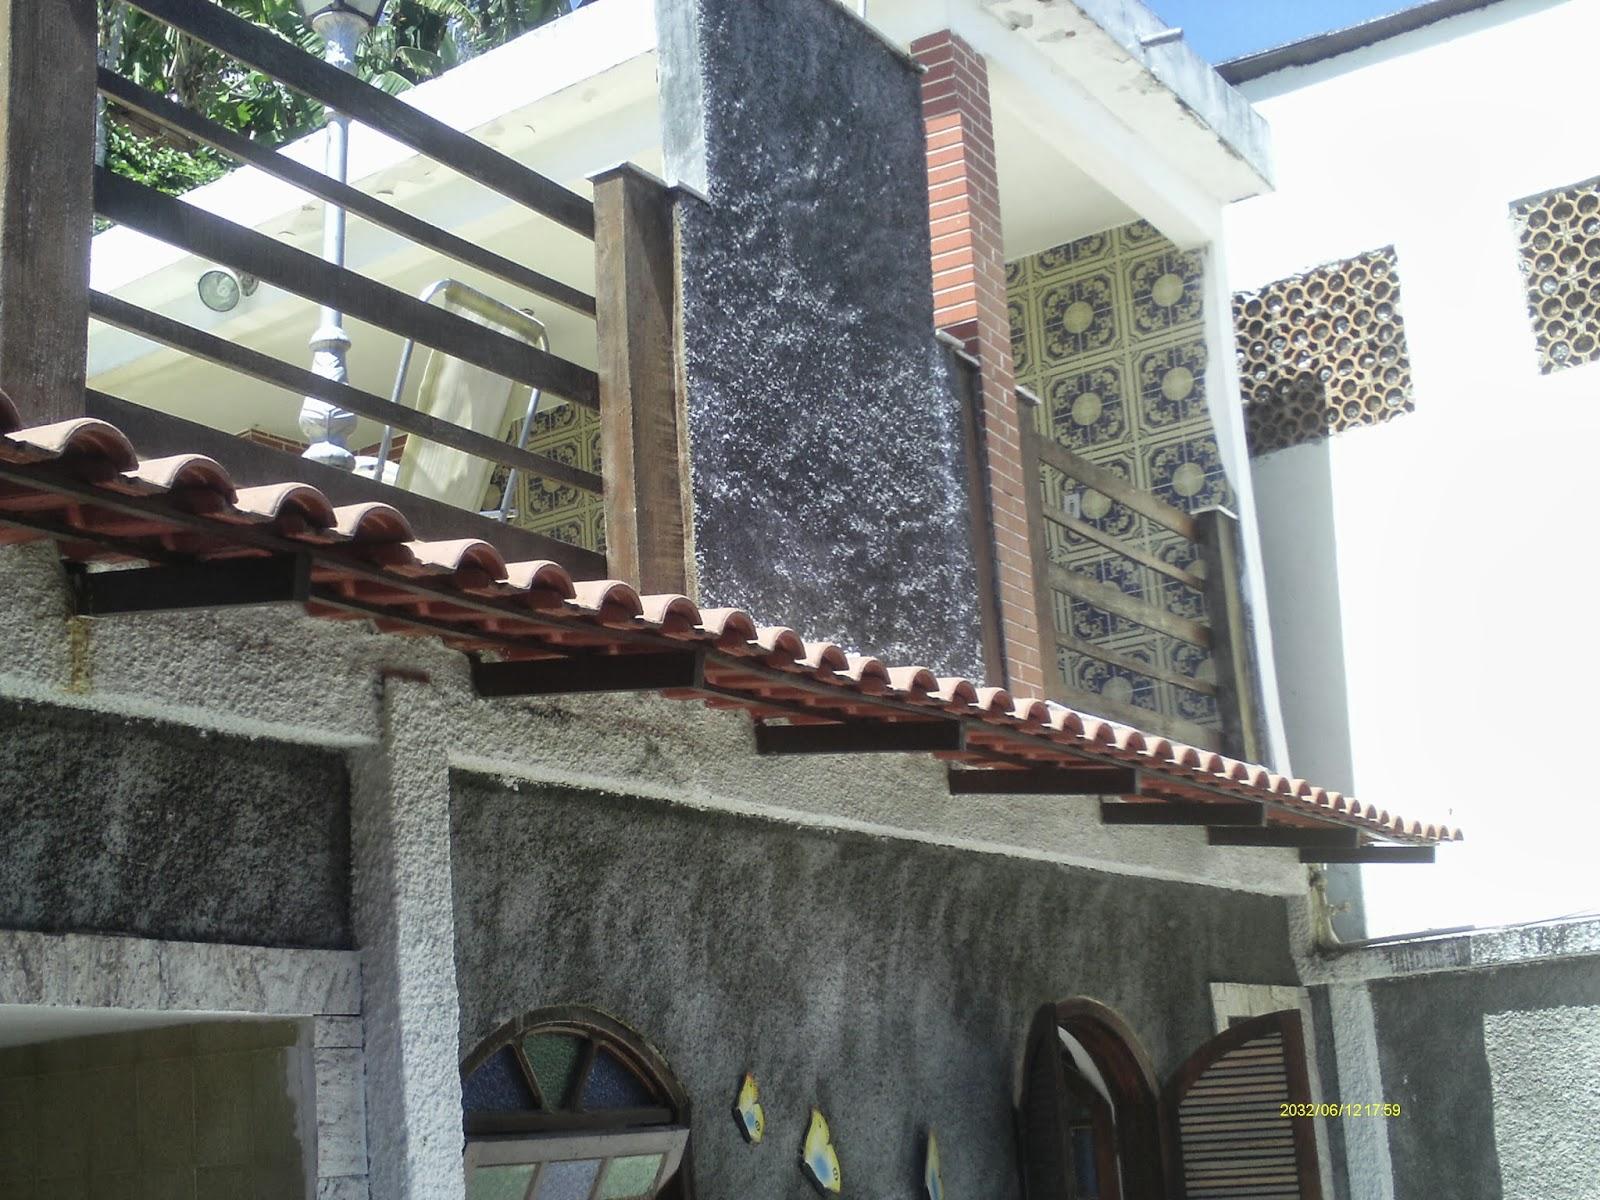 Casa Cocotá Ilha do Governador Avelino Freire Imóveis #4A6C81 1600x1200 Banheiro Com Hidro Pequeno